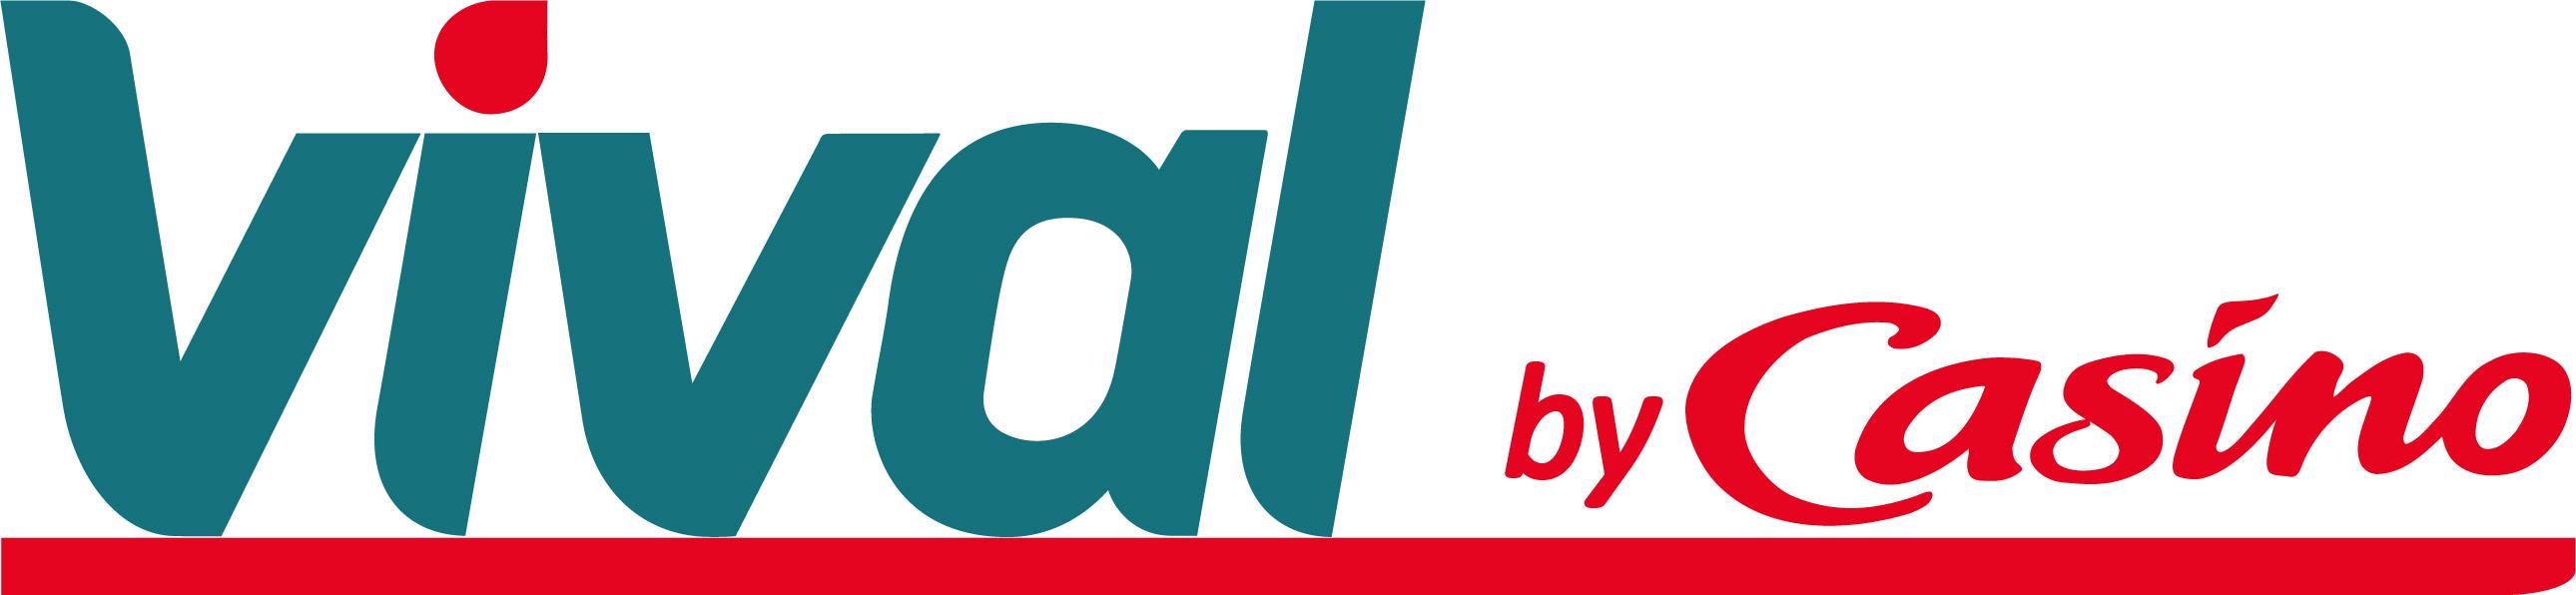 New logo vival